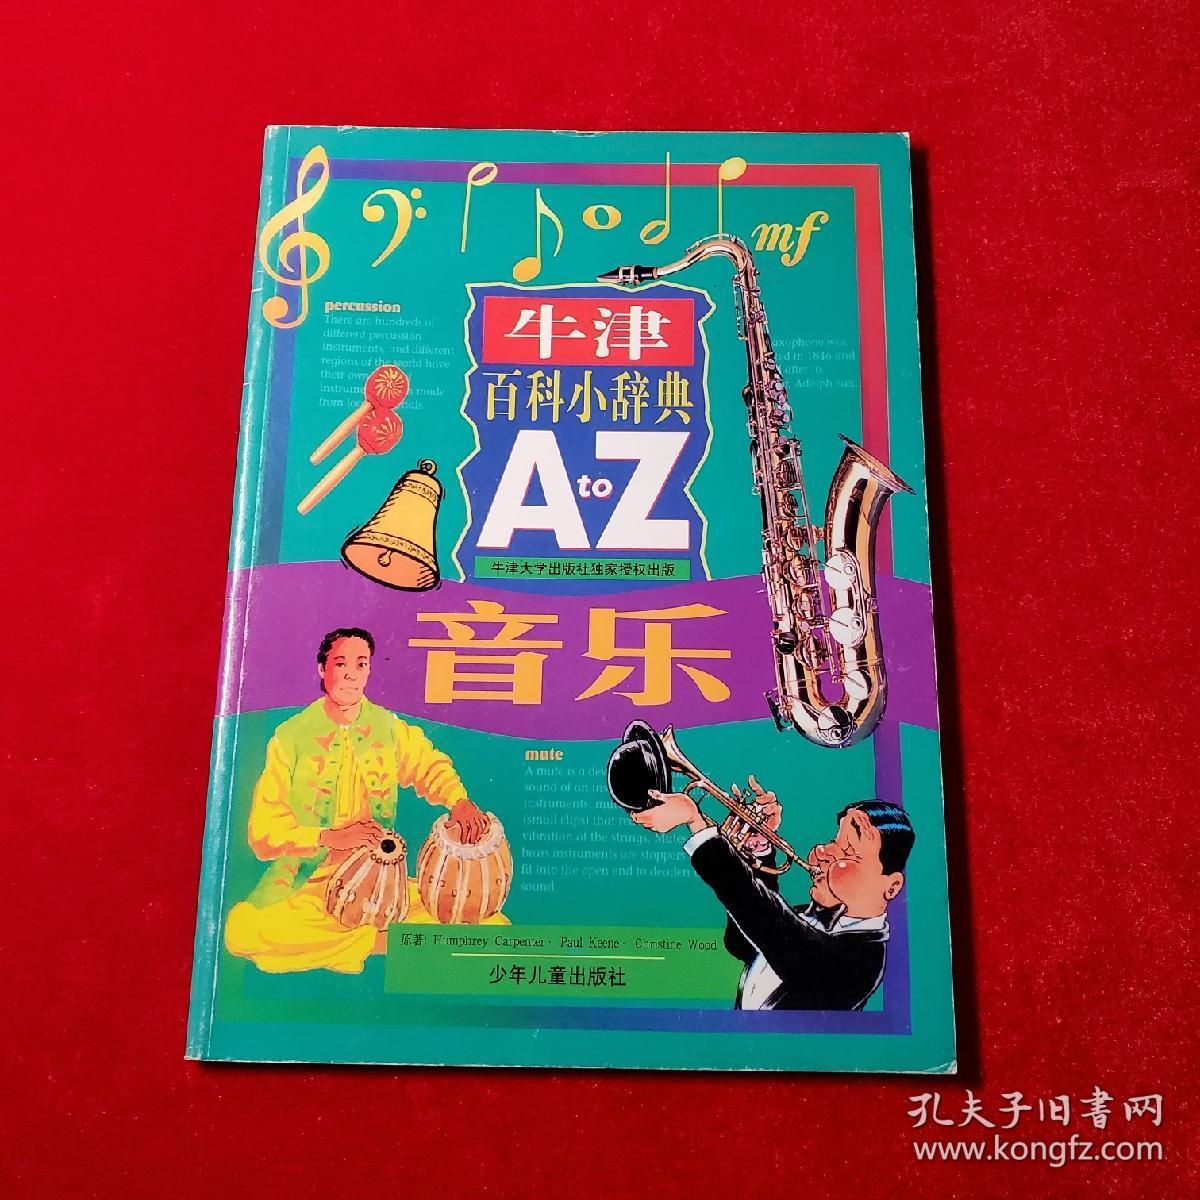 牛津百科小辞典(A to Z).音乐